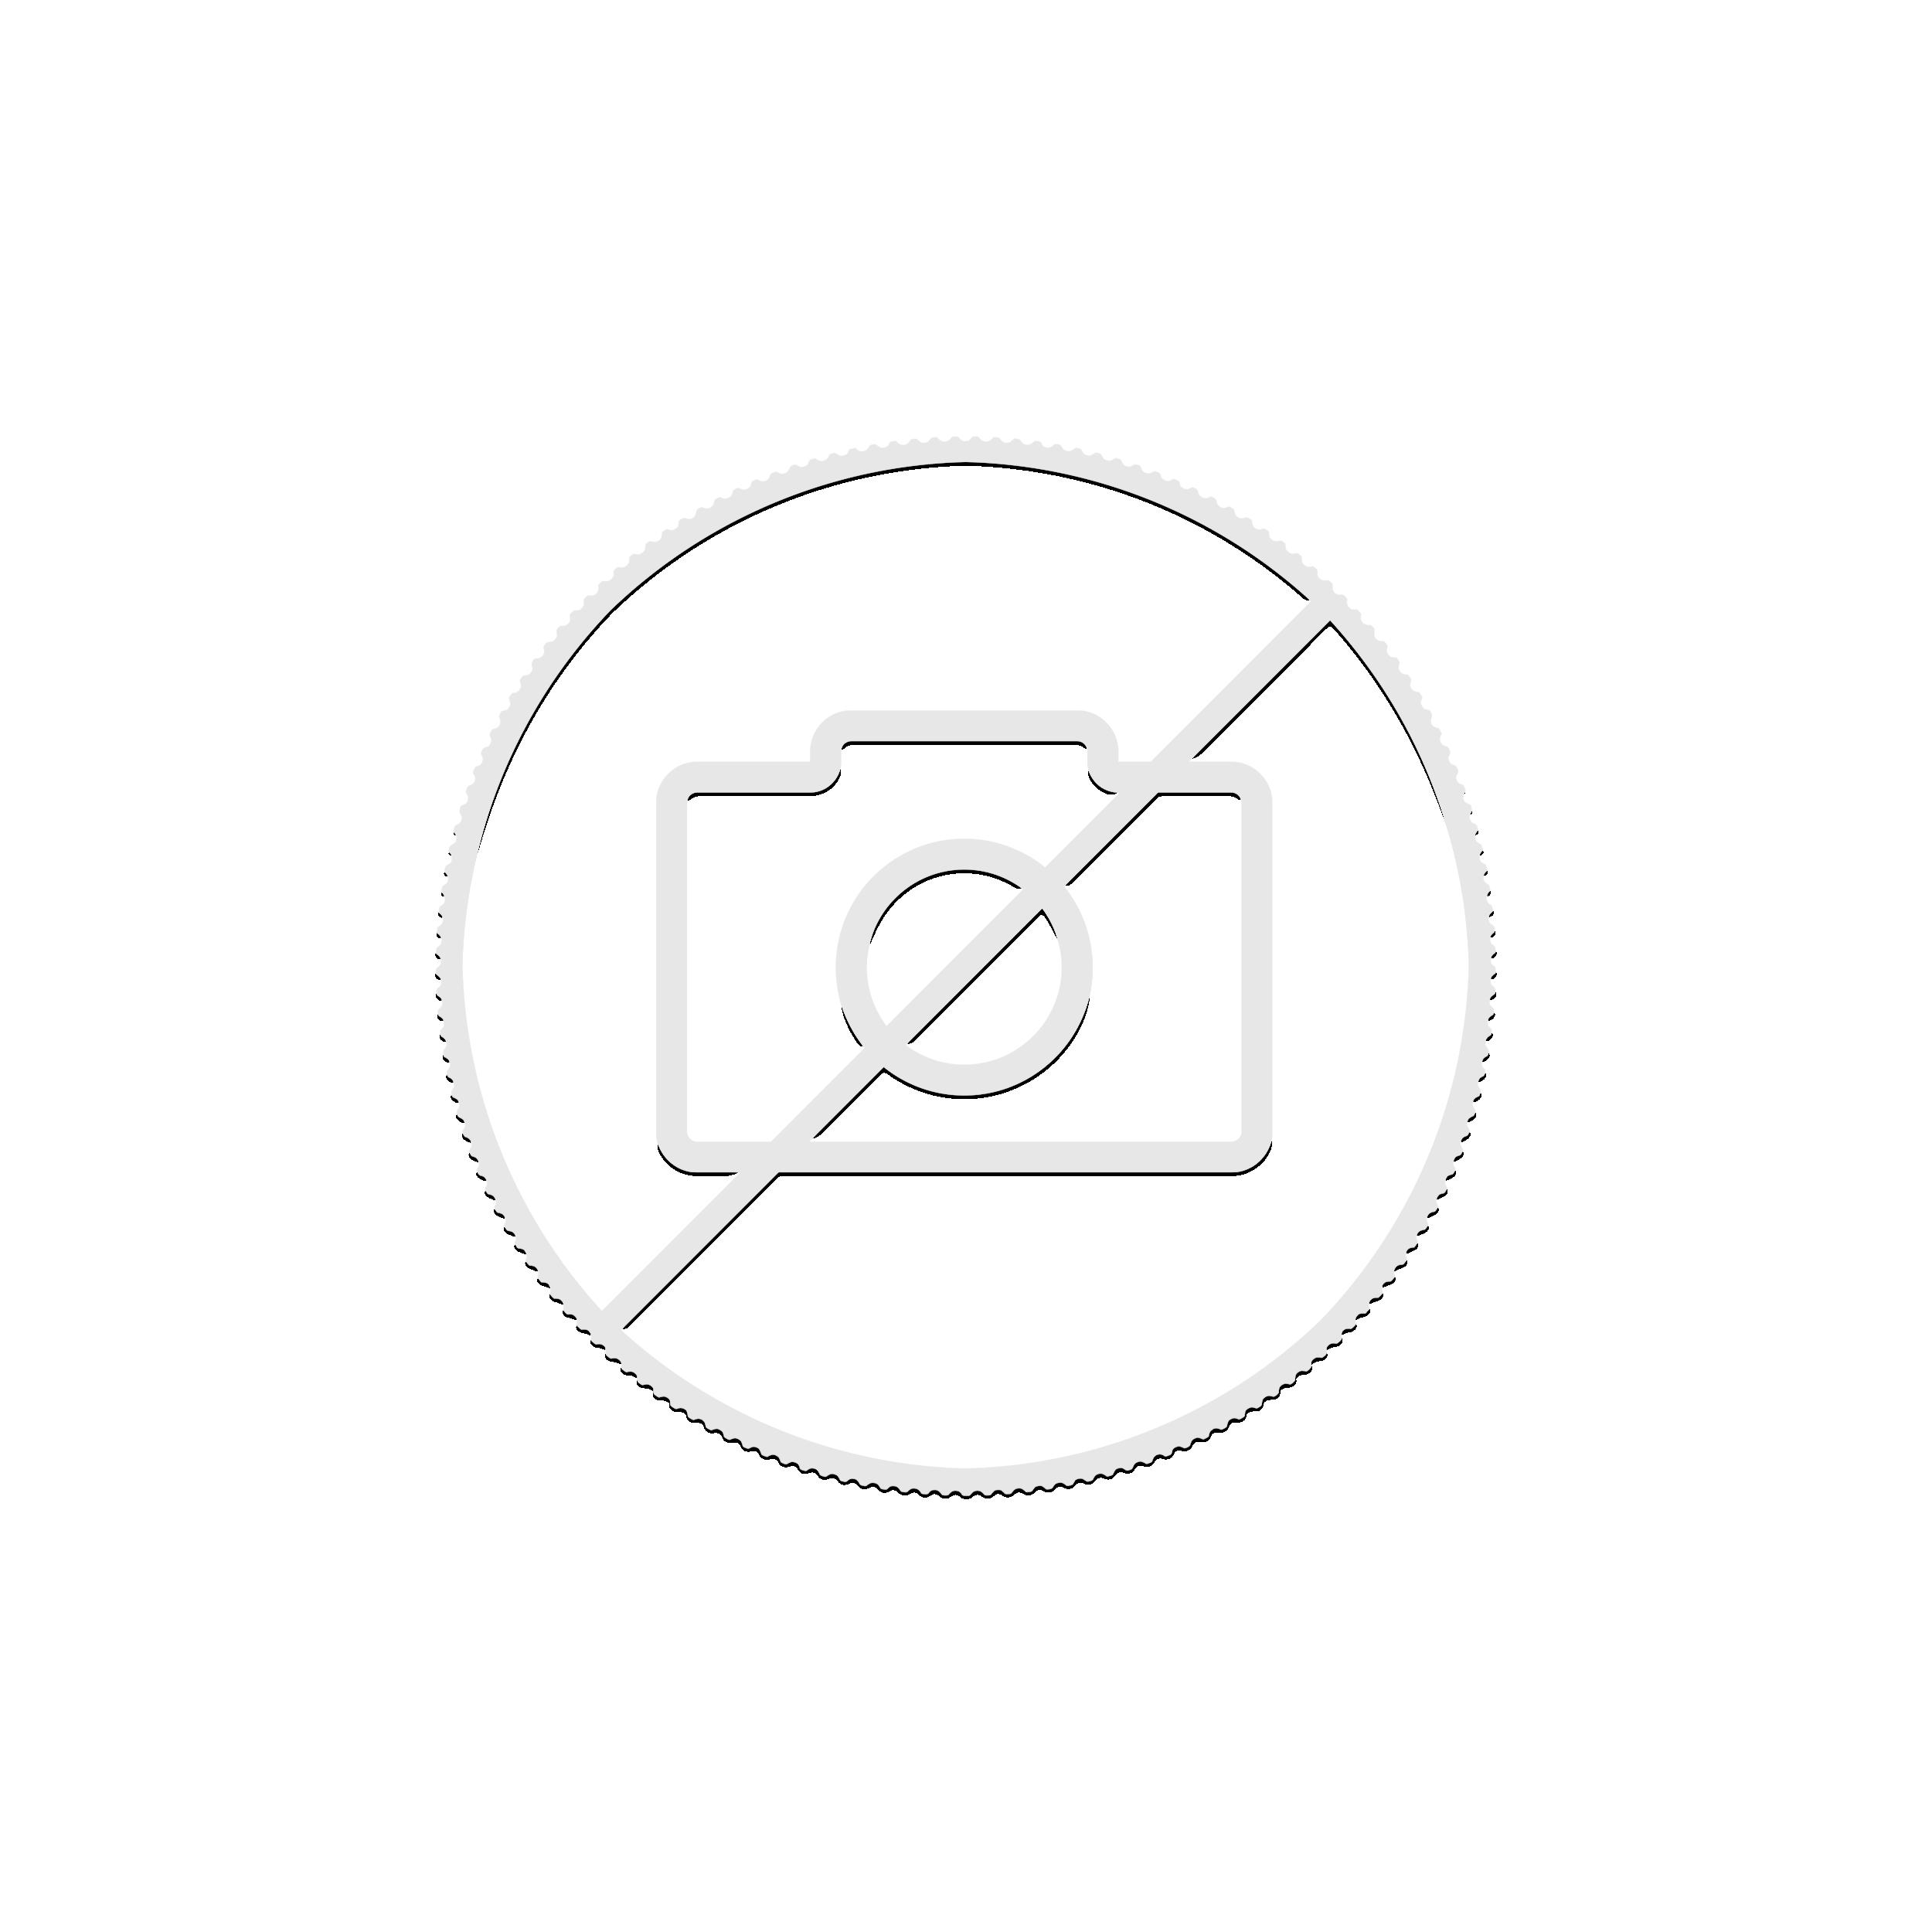 1/2 troy ounce silver coin Lunar 2012